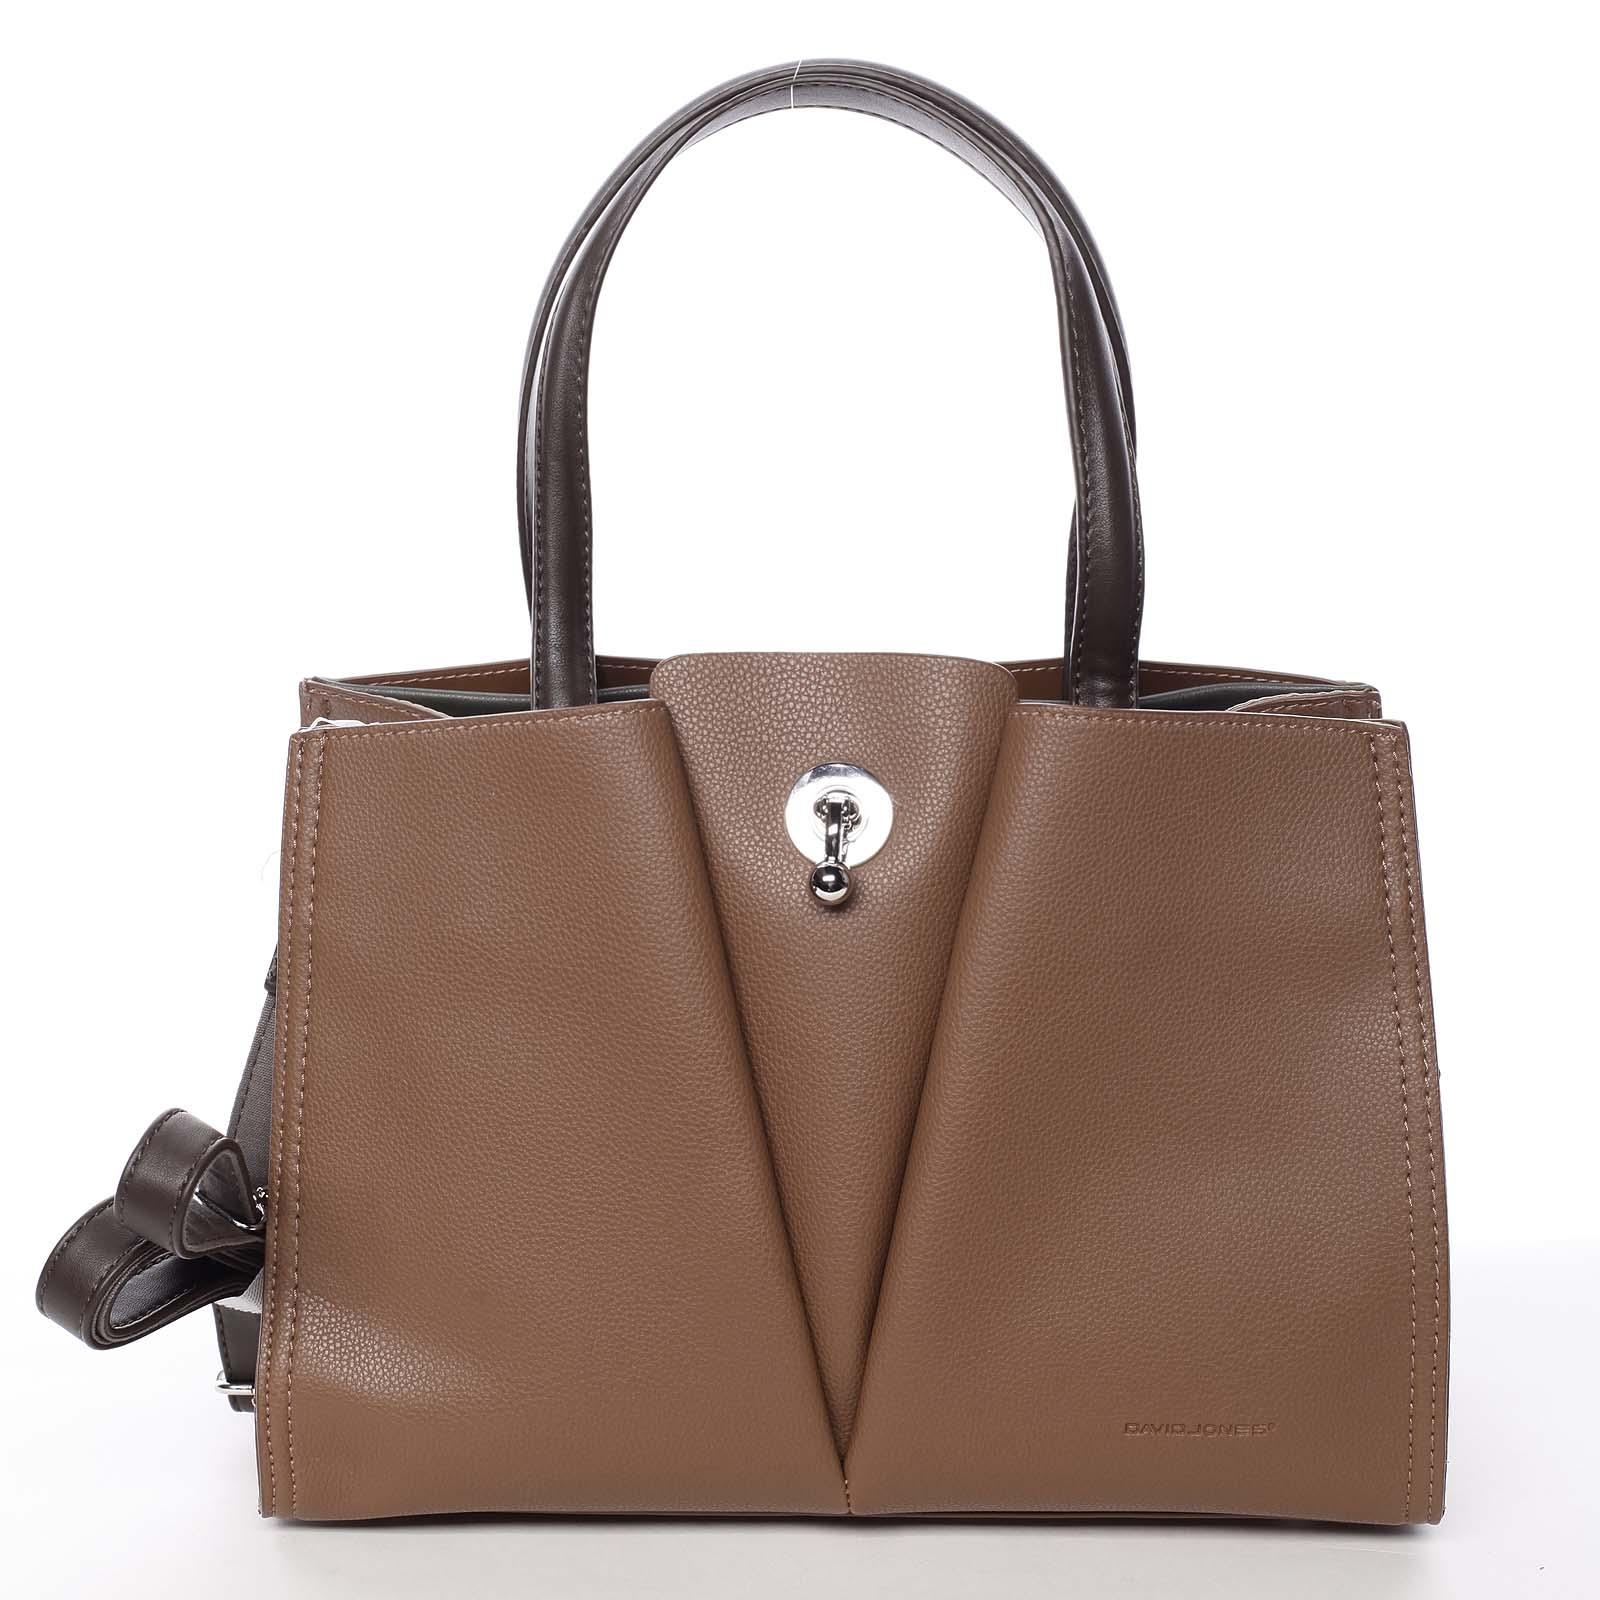 Luxusná dámska hnedá kabelka do ruky - David Jones Aedon